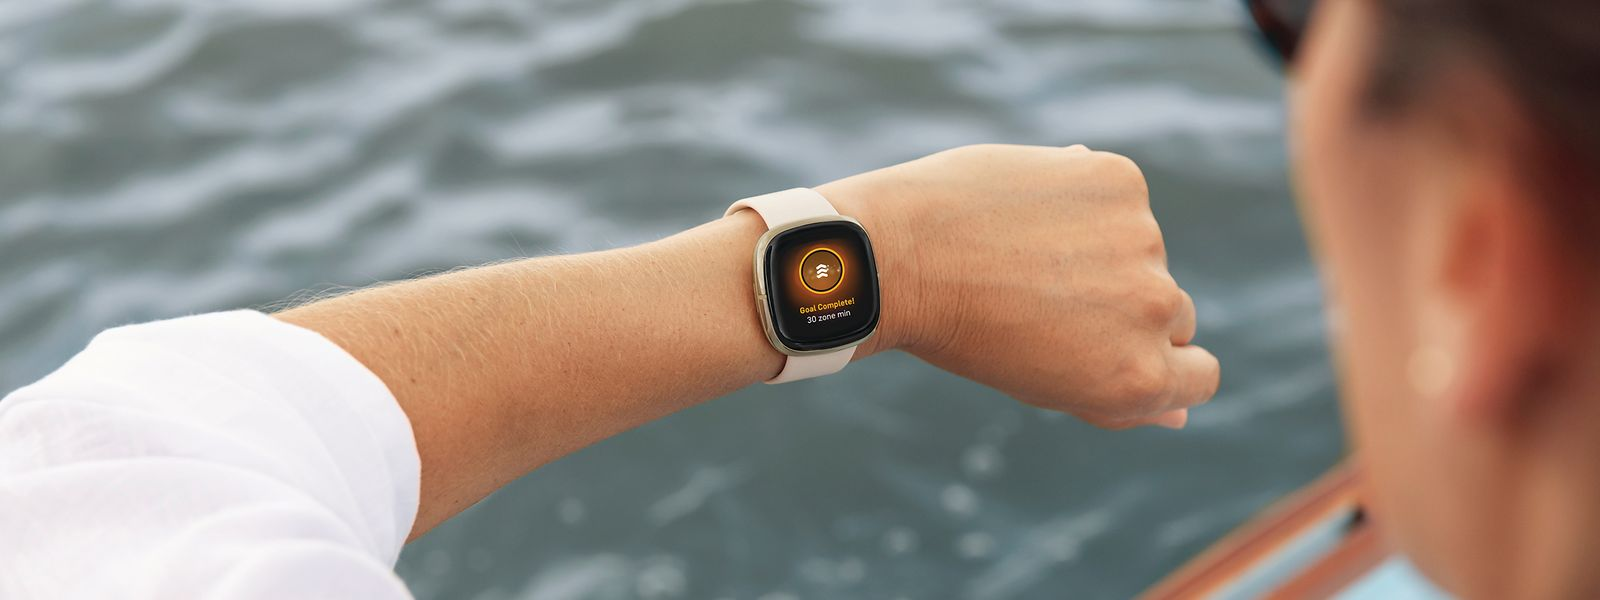 Smartwatches und Sportuhren wie die Fitbit Sense erfreuen sich auch in Pandemiezeiten großer Beliebtheit.